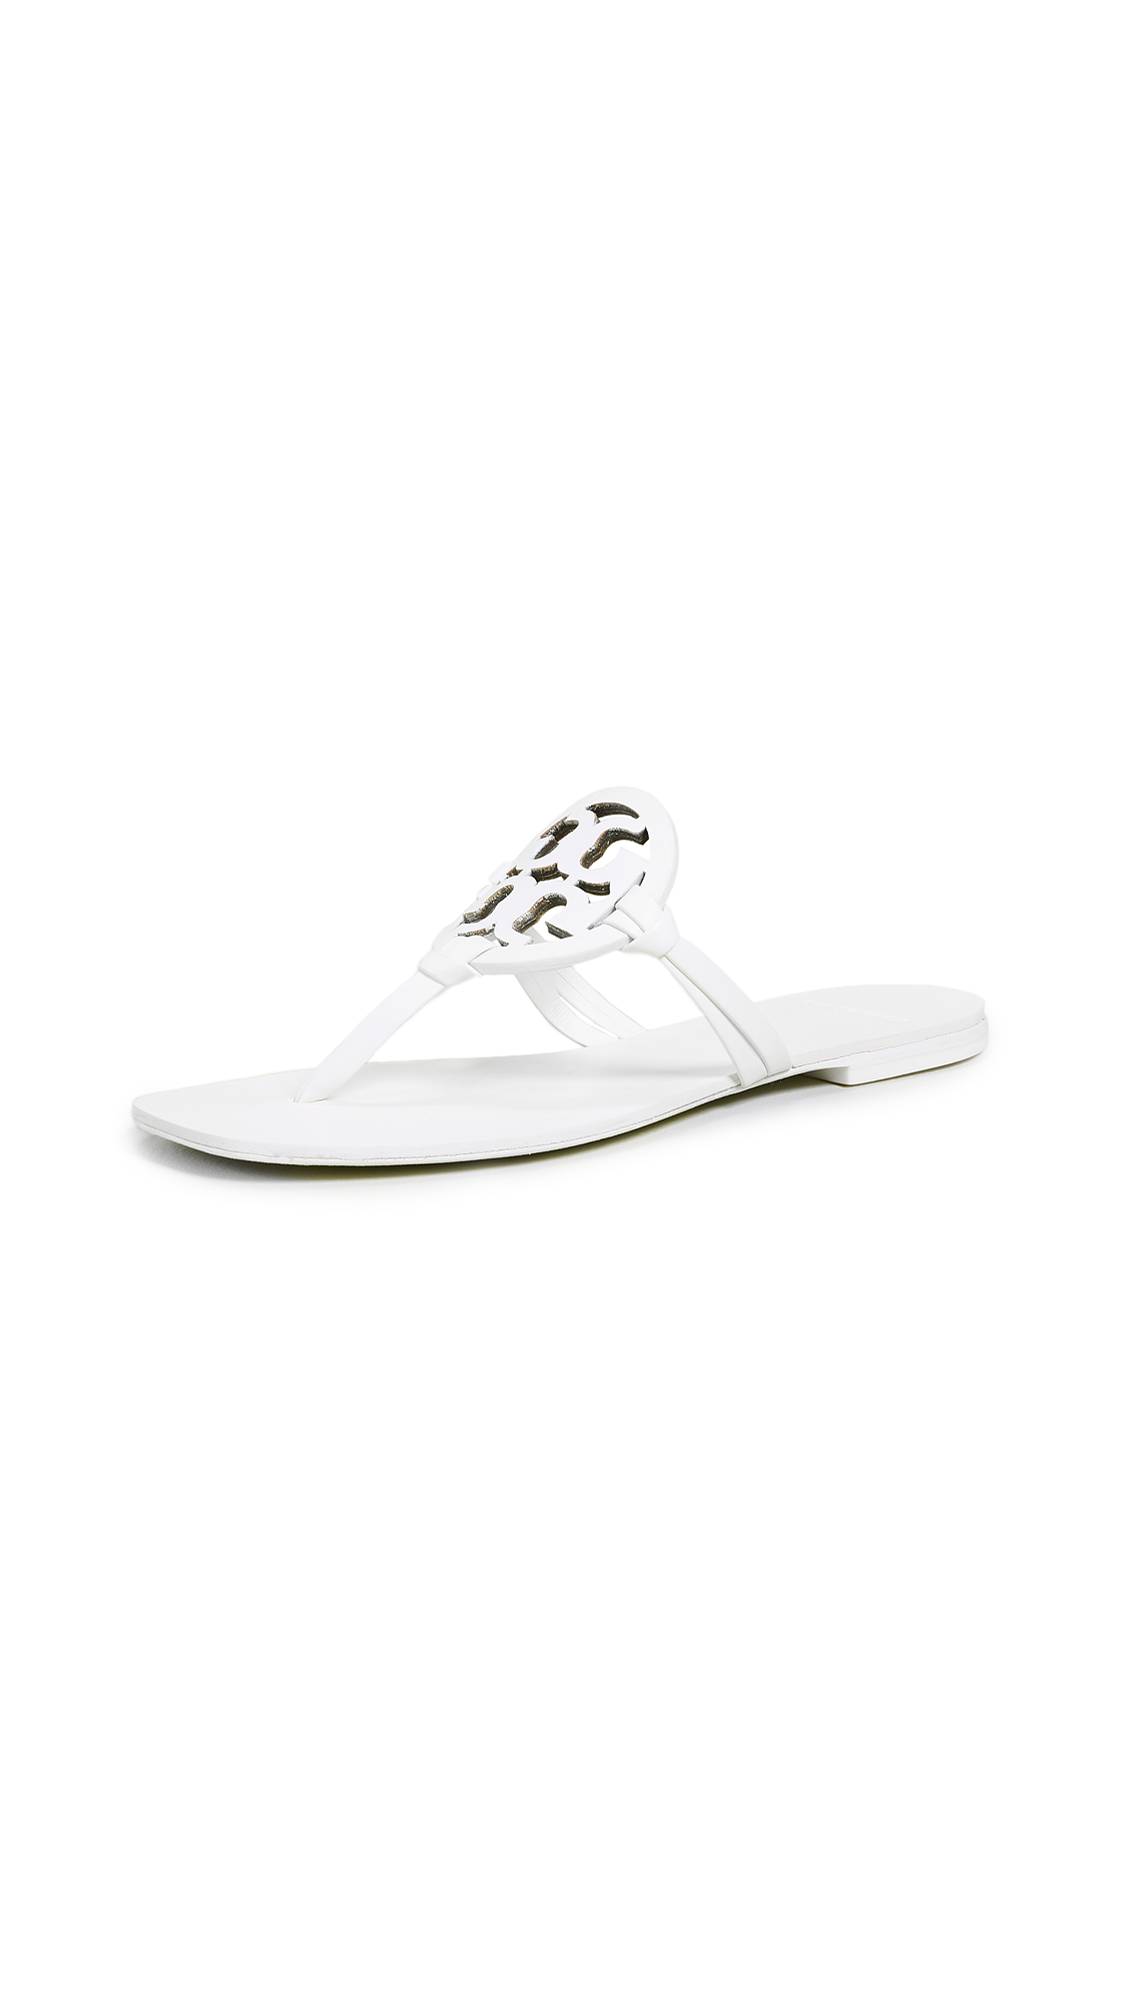 Tory Burch Square Toe Miller Flip Flops - White